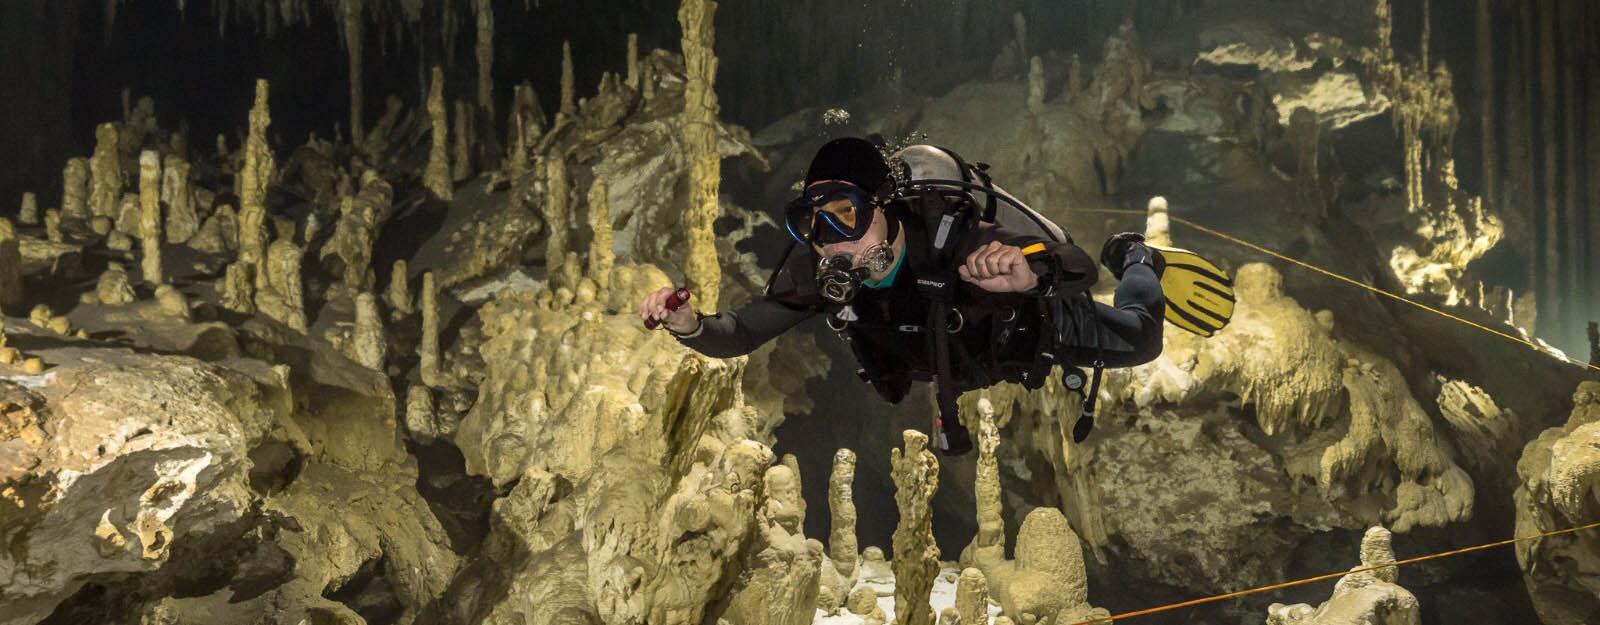 cenote dives in mexico